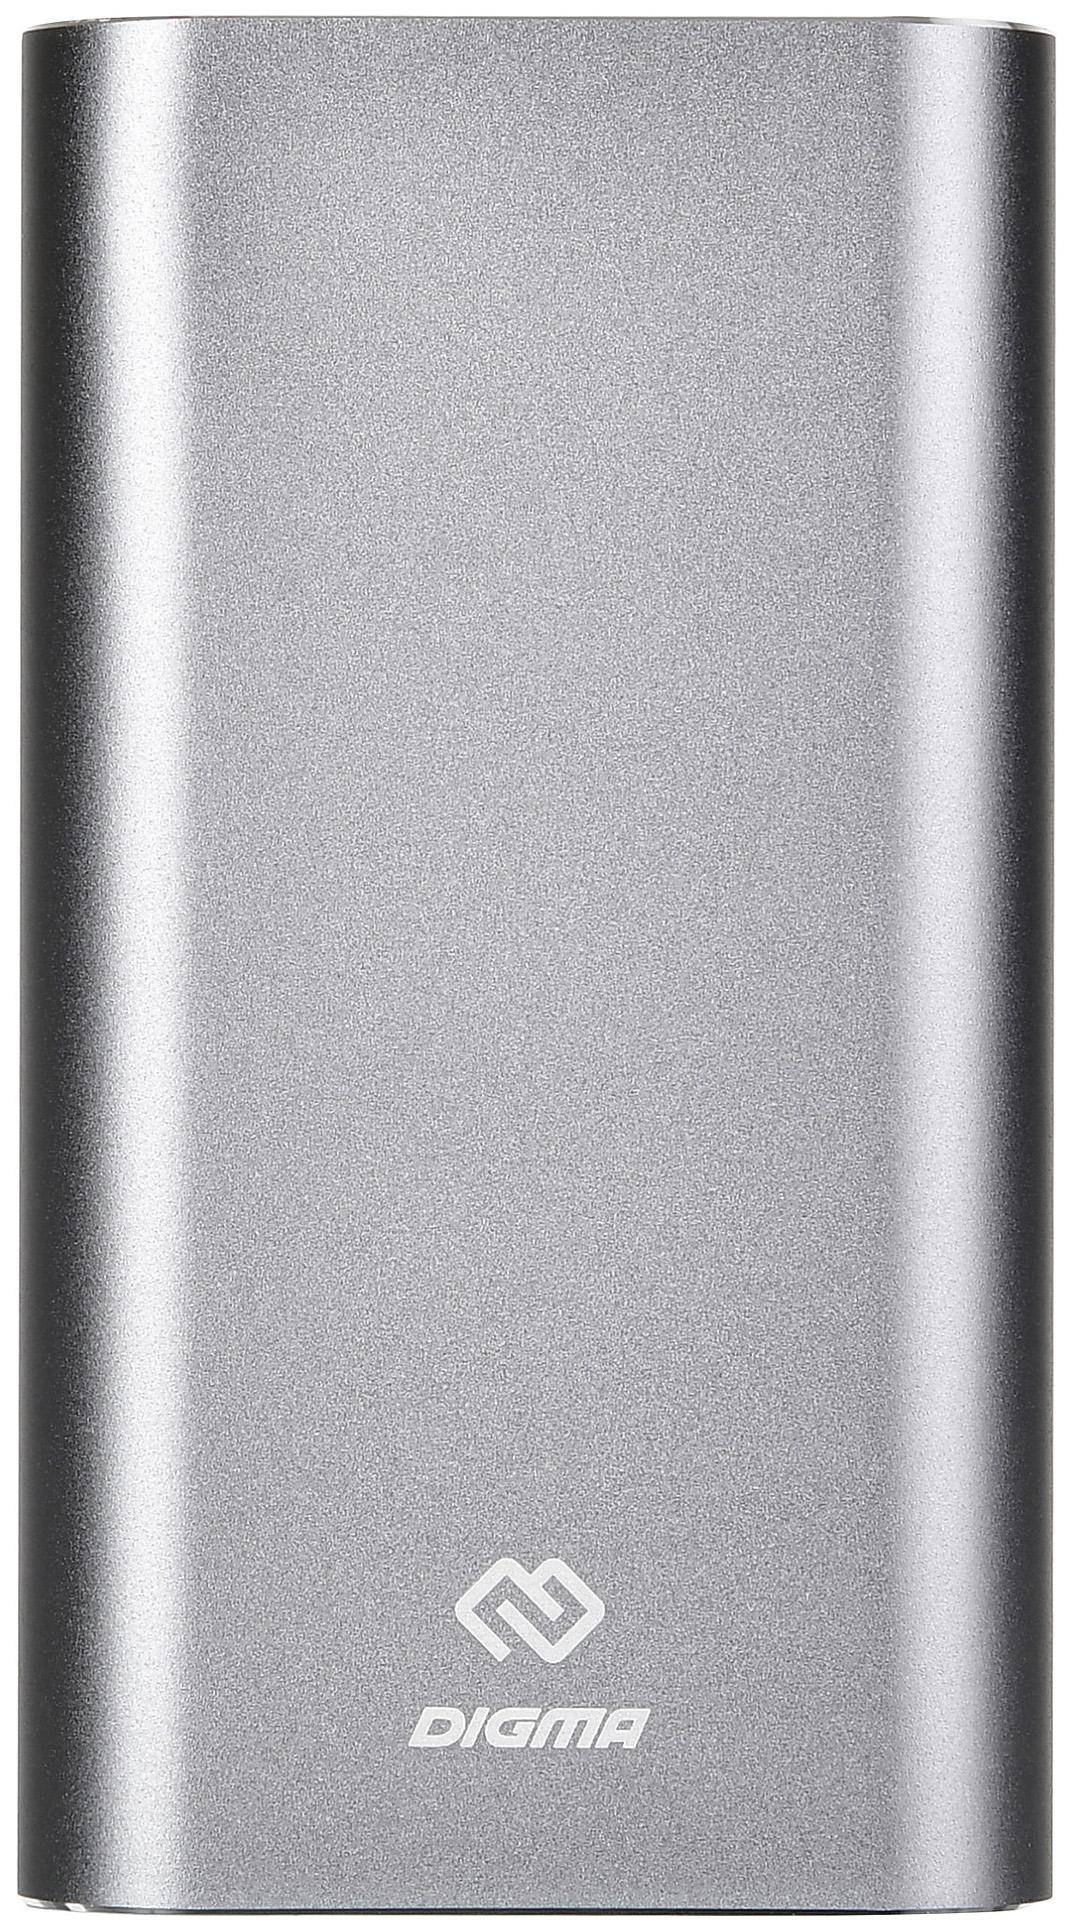 Внешний аккумулятор DIGMA DG-ME-20000 20000 мА/ч Grey фото